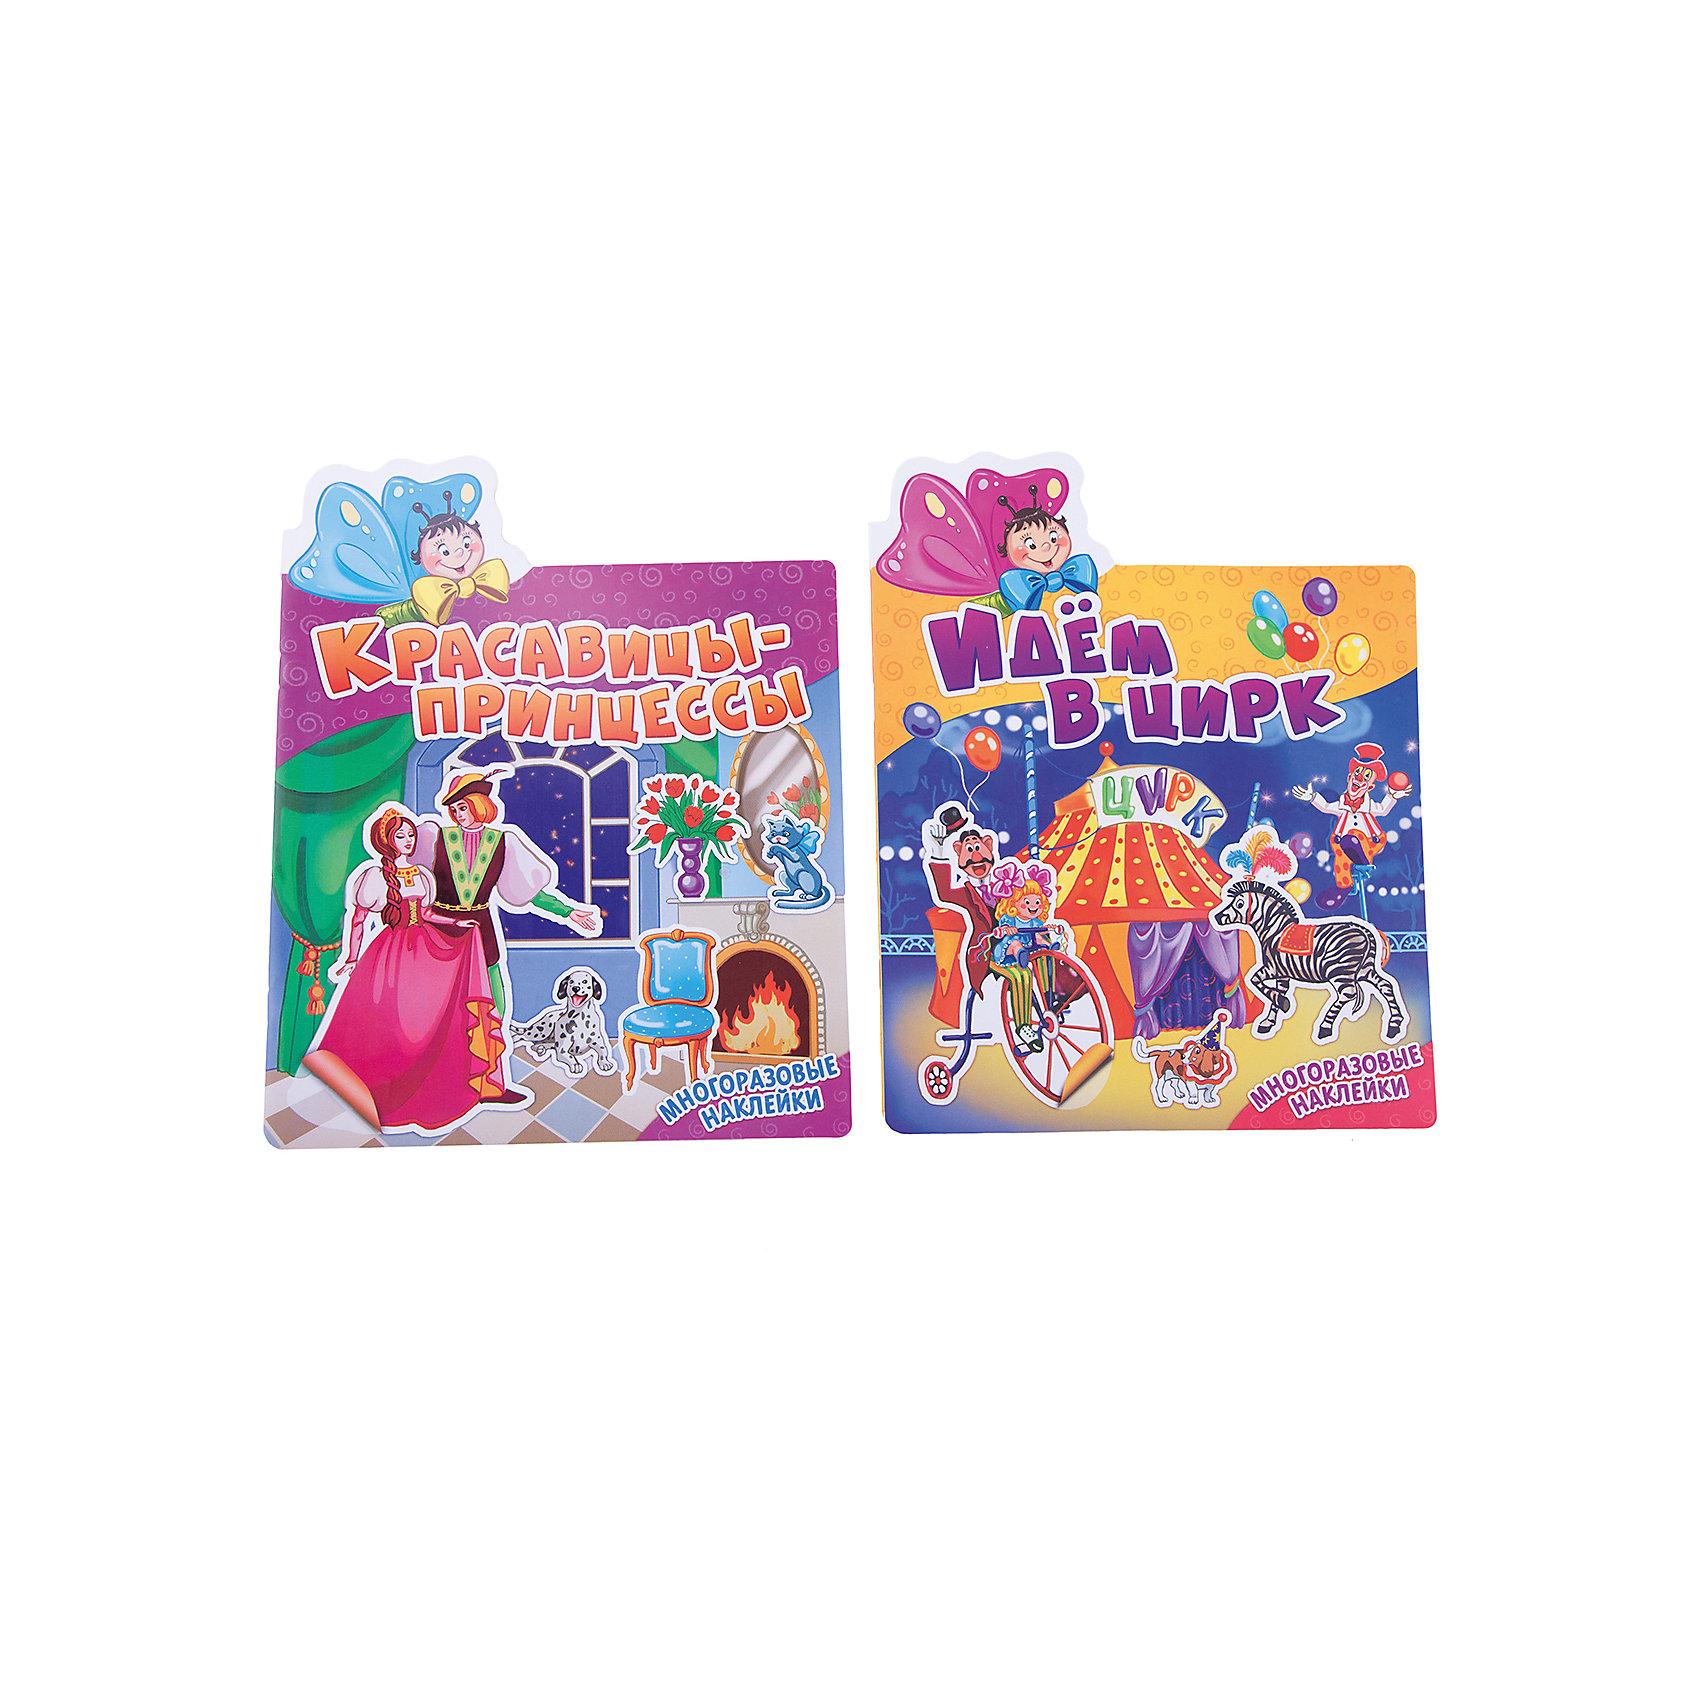 Наклейки Красавицы принцессы + идем в цирк, комплект из 2 книгND Play<br>Книги серии созданы для самых маленьких, для тех, кто только учится работать с наклейками, ведь многоразовую наклейку можно разместить куда угодно! Если результат не понравится, то можно всегда переклеить в другое место! Книжки будут полезны и более старшим детям: они смогут клеить картинки в соответствии с текстом на странице.<br><br>Ширина мм: 198<br>Глубина мм: 2<br>Высота мм: 245<br>Вес г: 200<br>Возраст от месяцев: 36<br>Возраст до месяцев: 2147483647<br>Пол: Унисекс<br>Возраст: Детский<br>SKU: 6910527